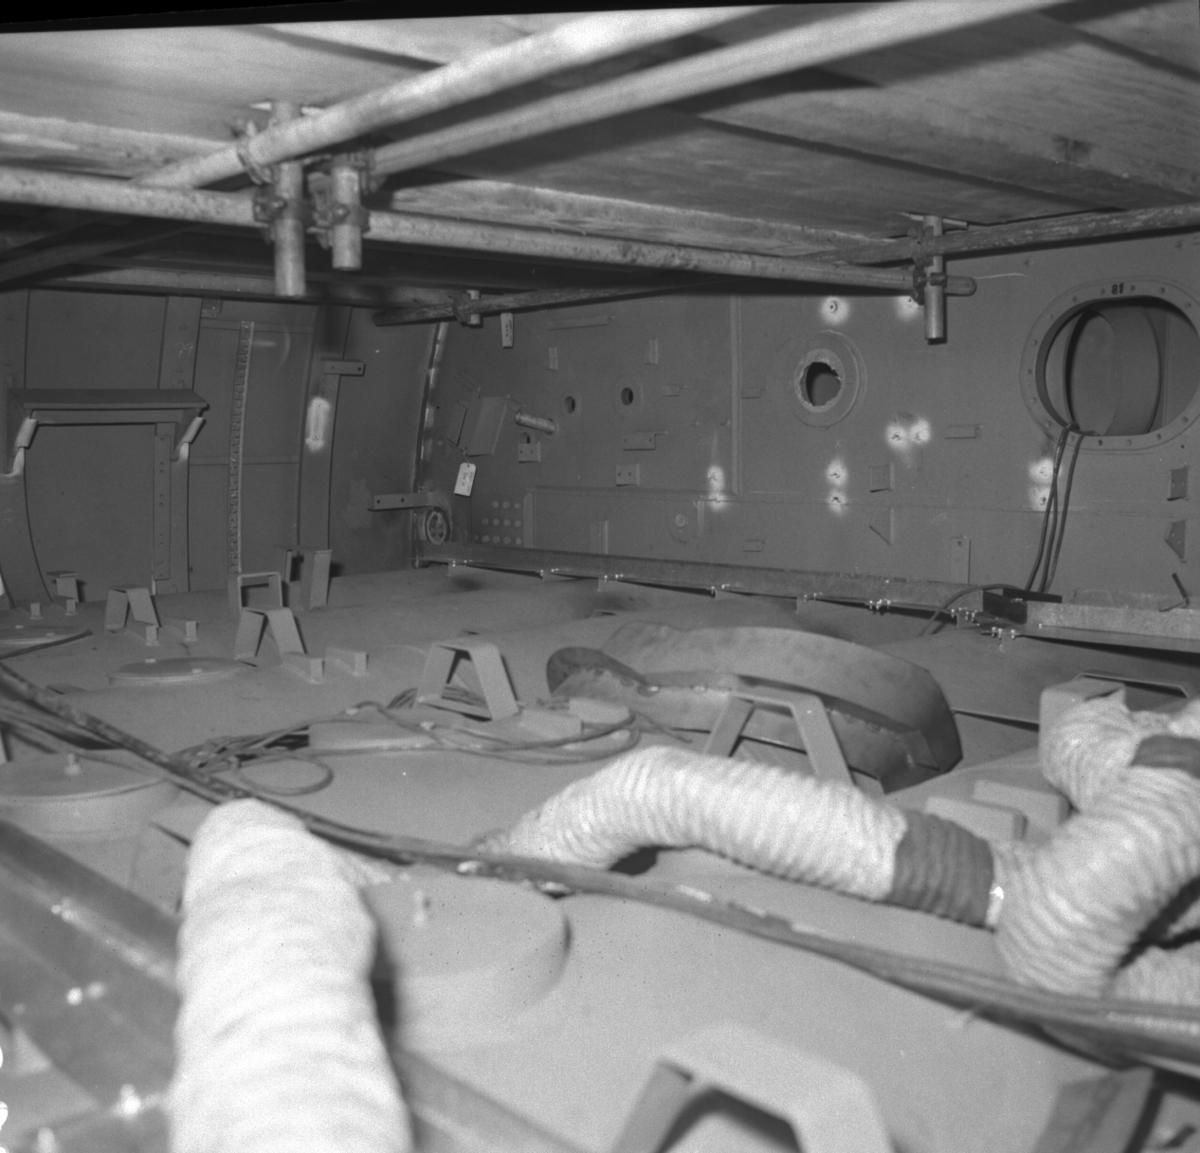 :: Ubåtssektioner till ubåt typ Västergötland\\\\anm neg ingår i en serie om 43 st varav 5 st scannats, detta är neg nr V 98929 /gp